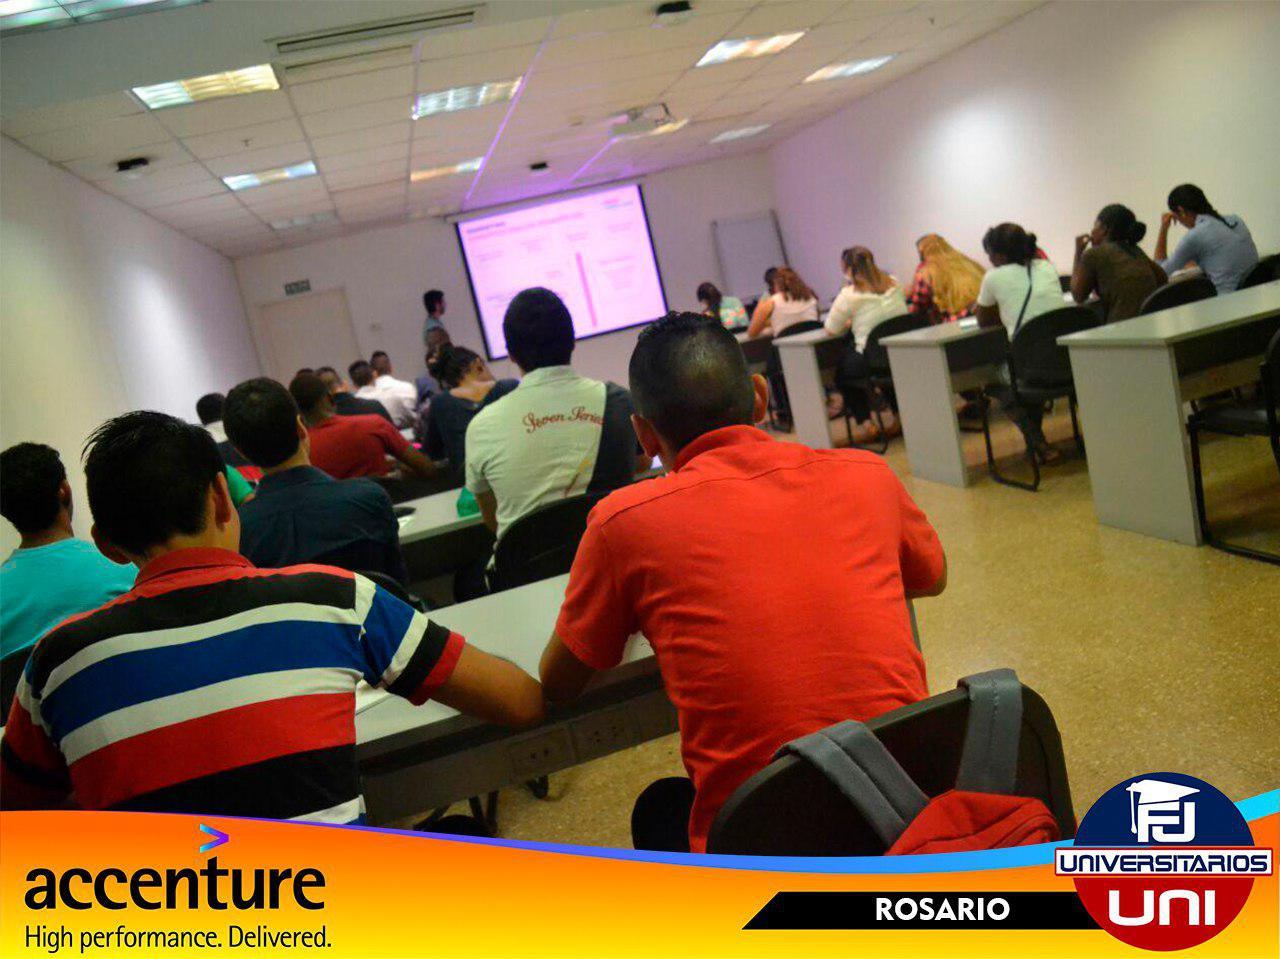 Proyecto Universitarios + Accenture de Rosario